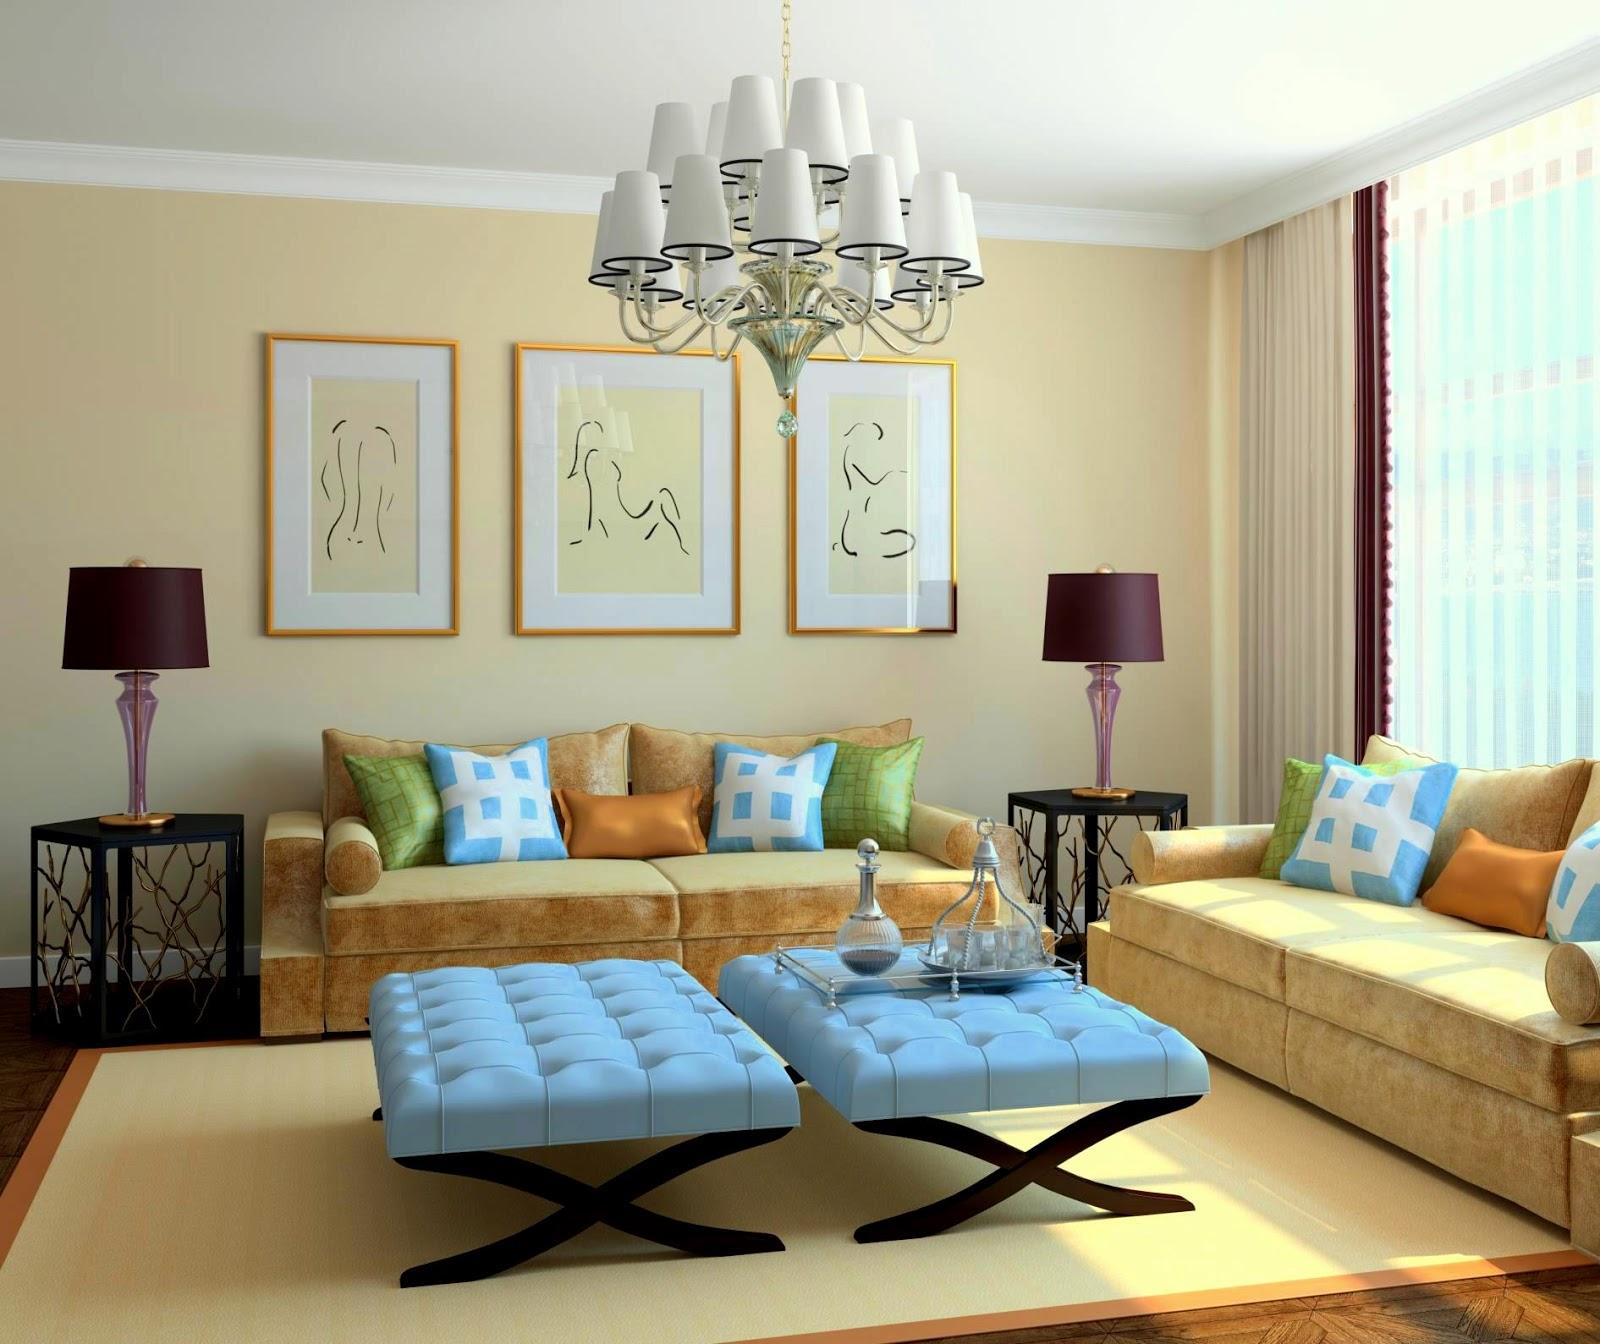 Koleksi Idea Dekorasi Ruang Tamu Rumah Teres Setingkat Hias My